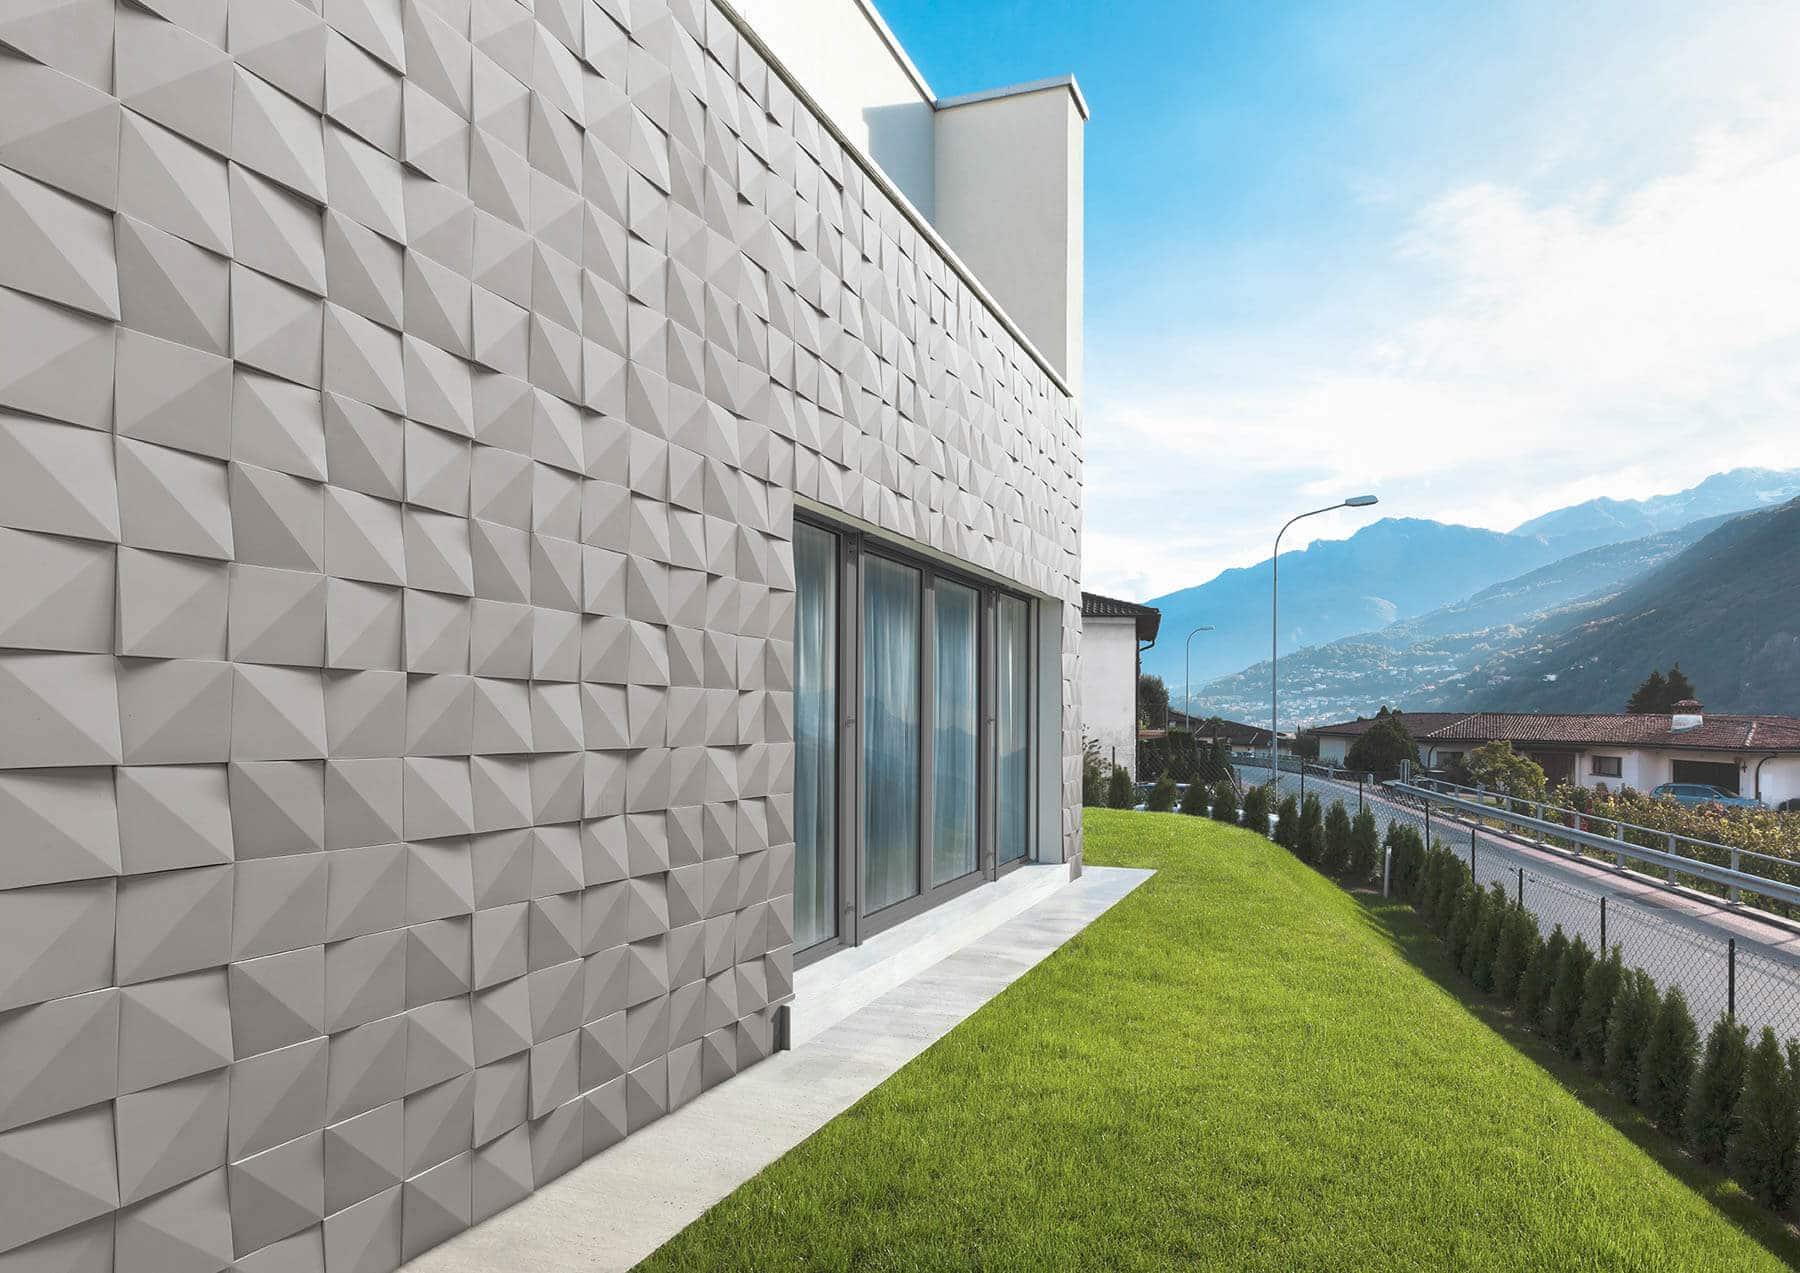 Pant de mur en pierre de parement acl vertices de coouleur noir